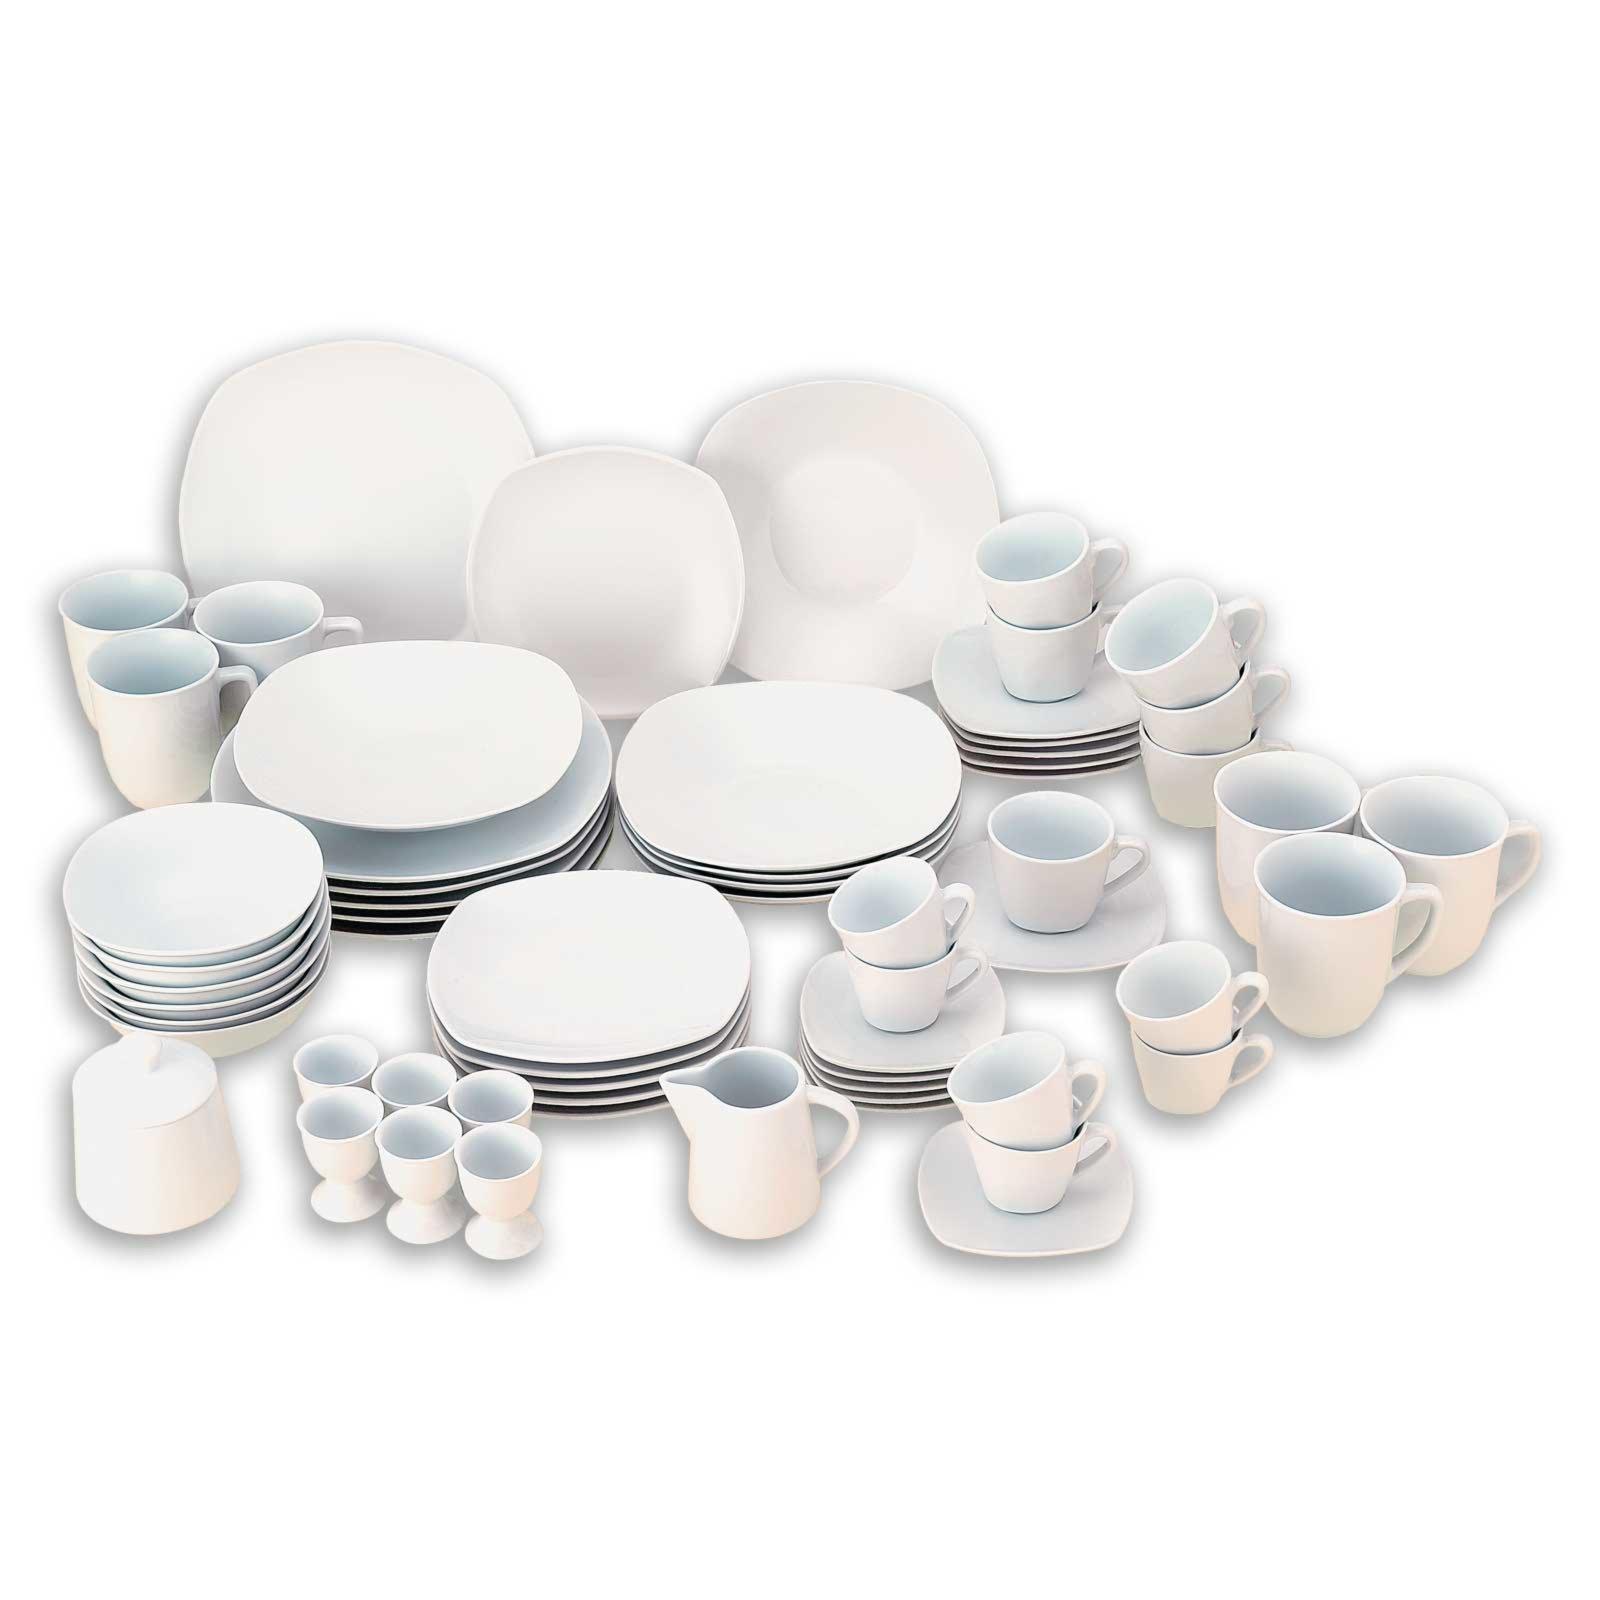 Weisses Geschirr Awesome Untertasse Keramik Teller Geschirr Material Produkt Porzellan Dishware